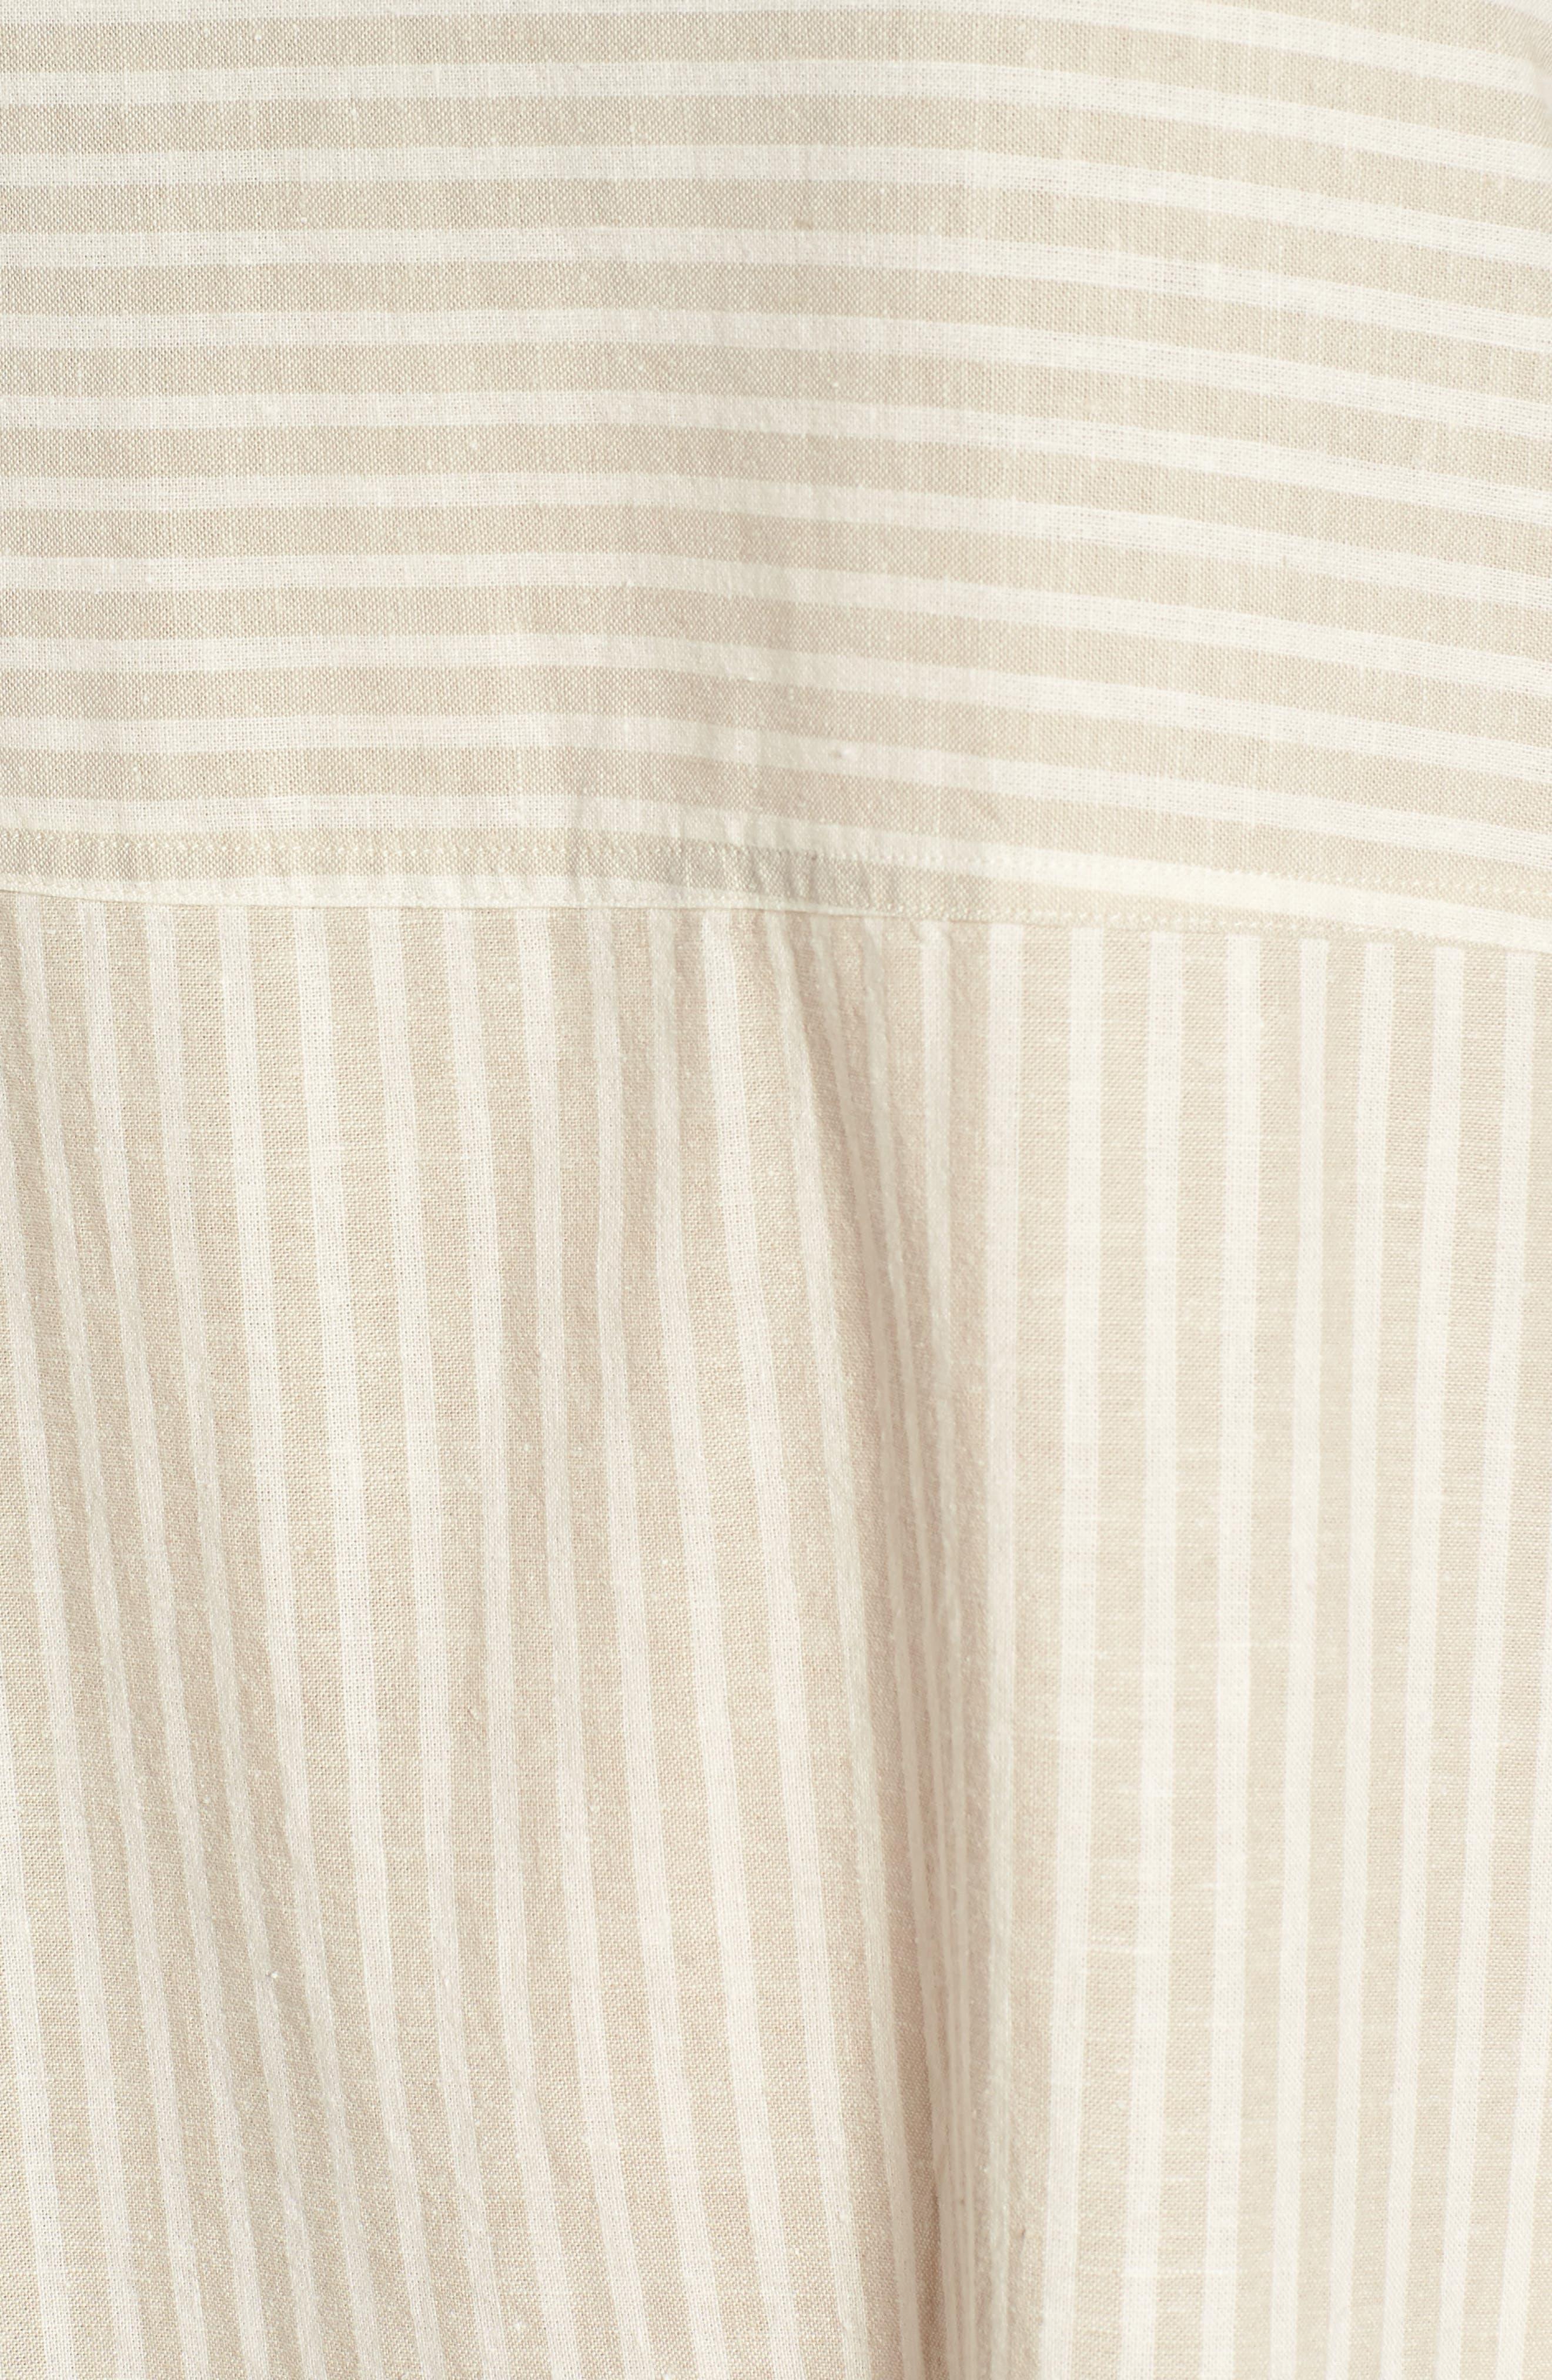 Varied Stripe Hemp & Organic Cotton Shift Dress,                             Alternate thumbnail 6, color,                             257